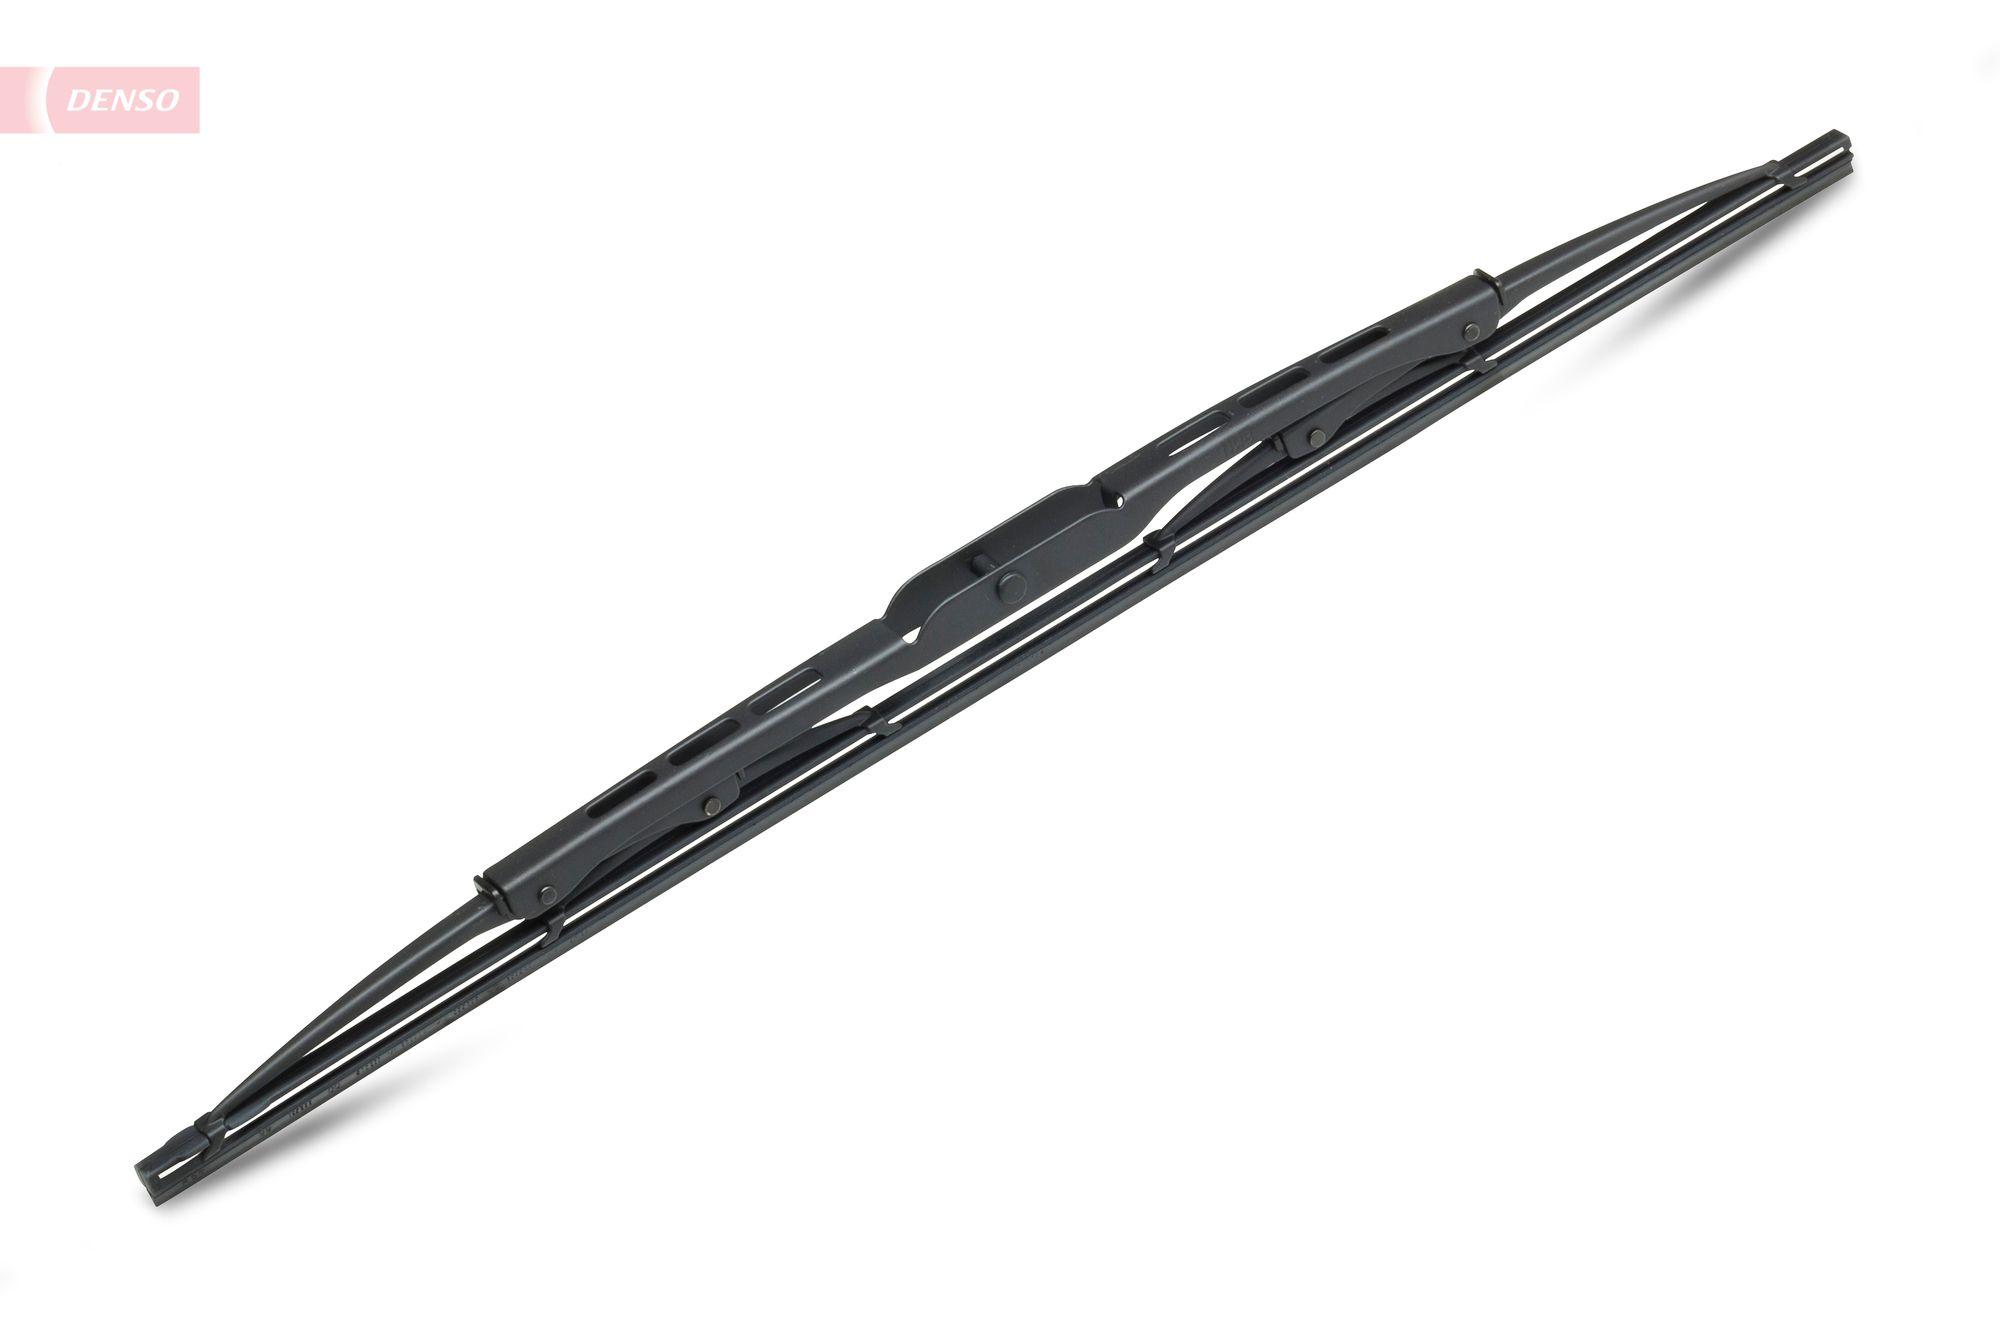 DENSO Wischblatt beifahrerseitig, fahrerseitig, hinten, 430mm DM-043